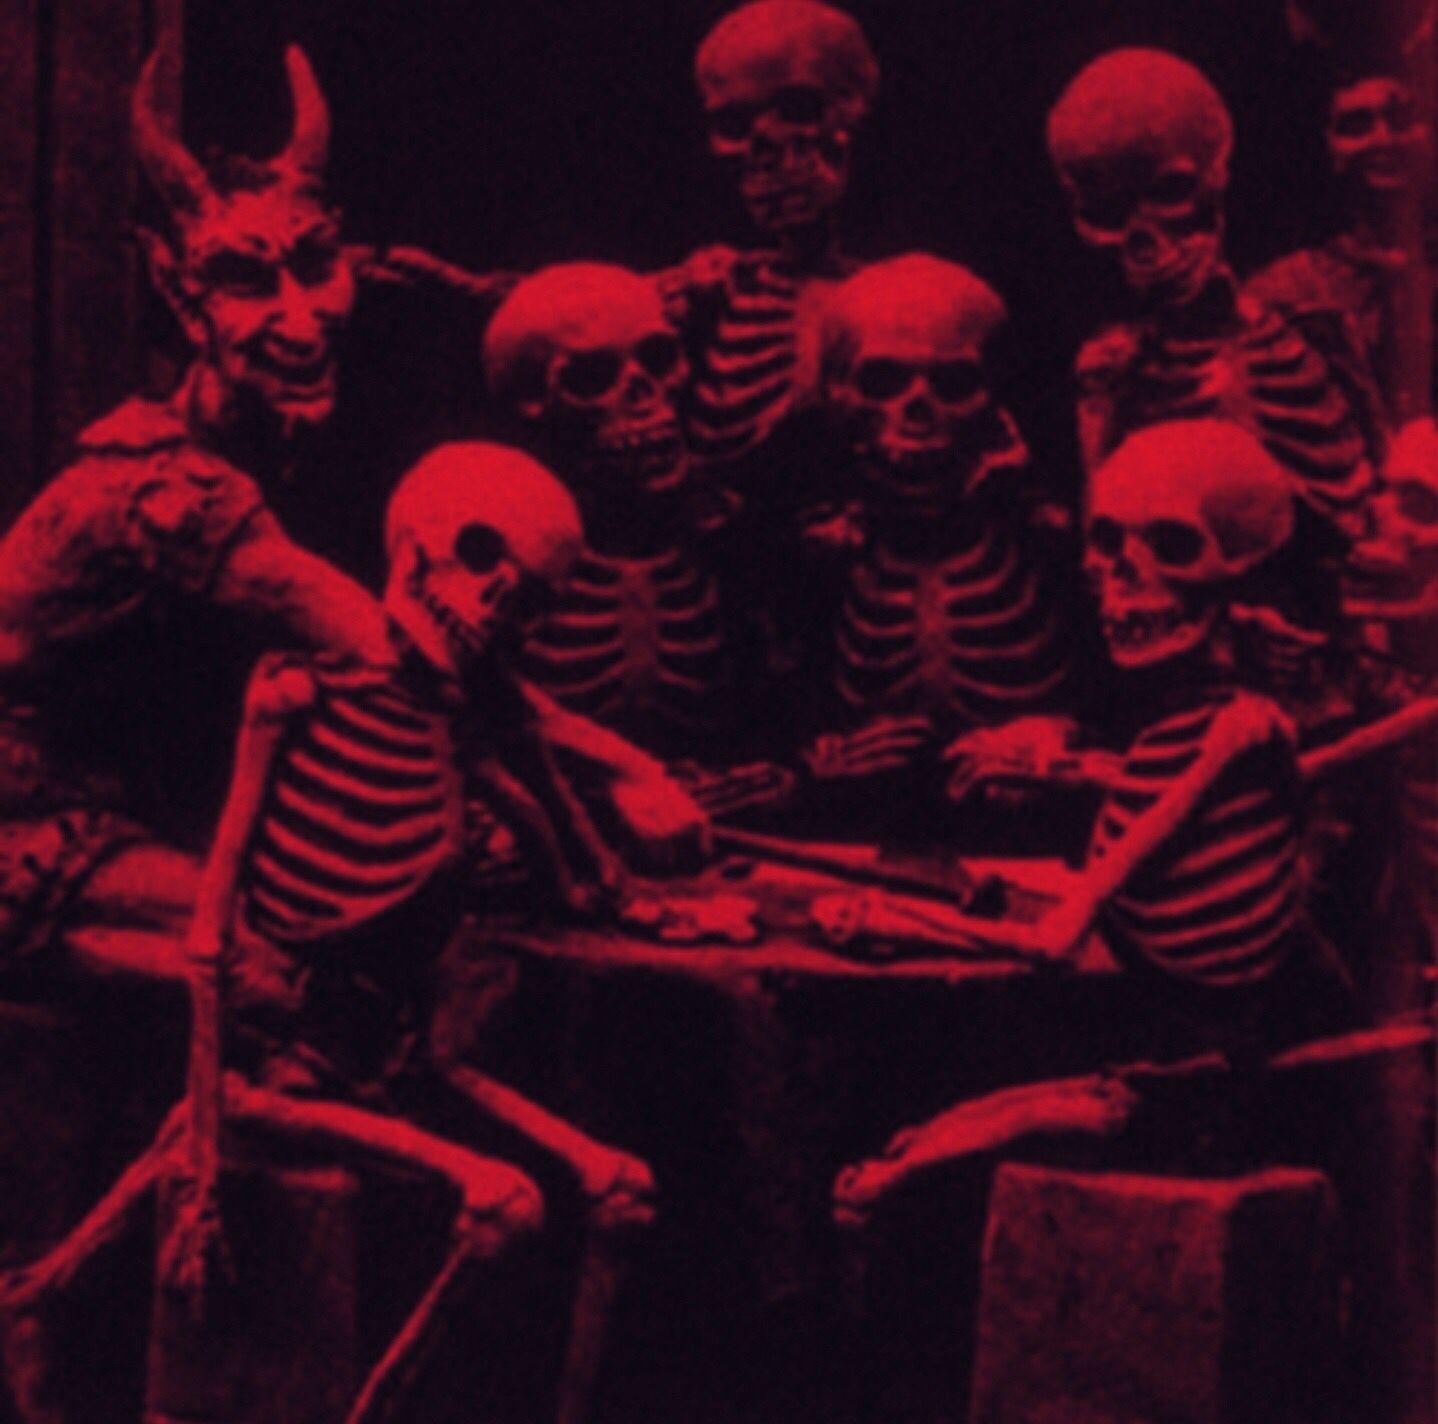 Kill Em Red Aesthetic Grunge Dark Grunge Demon Aesthetic